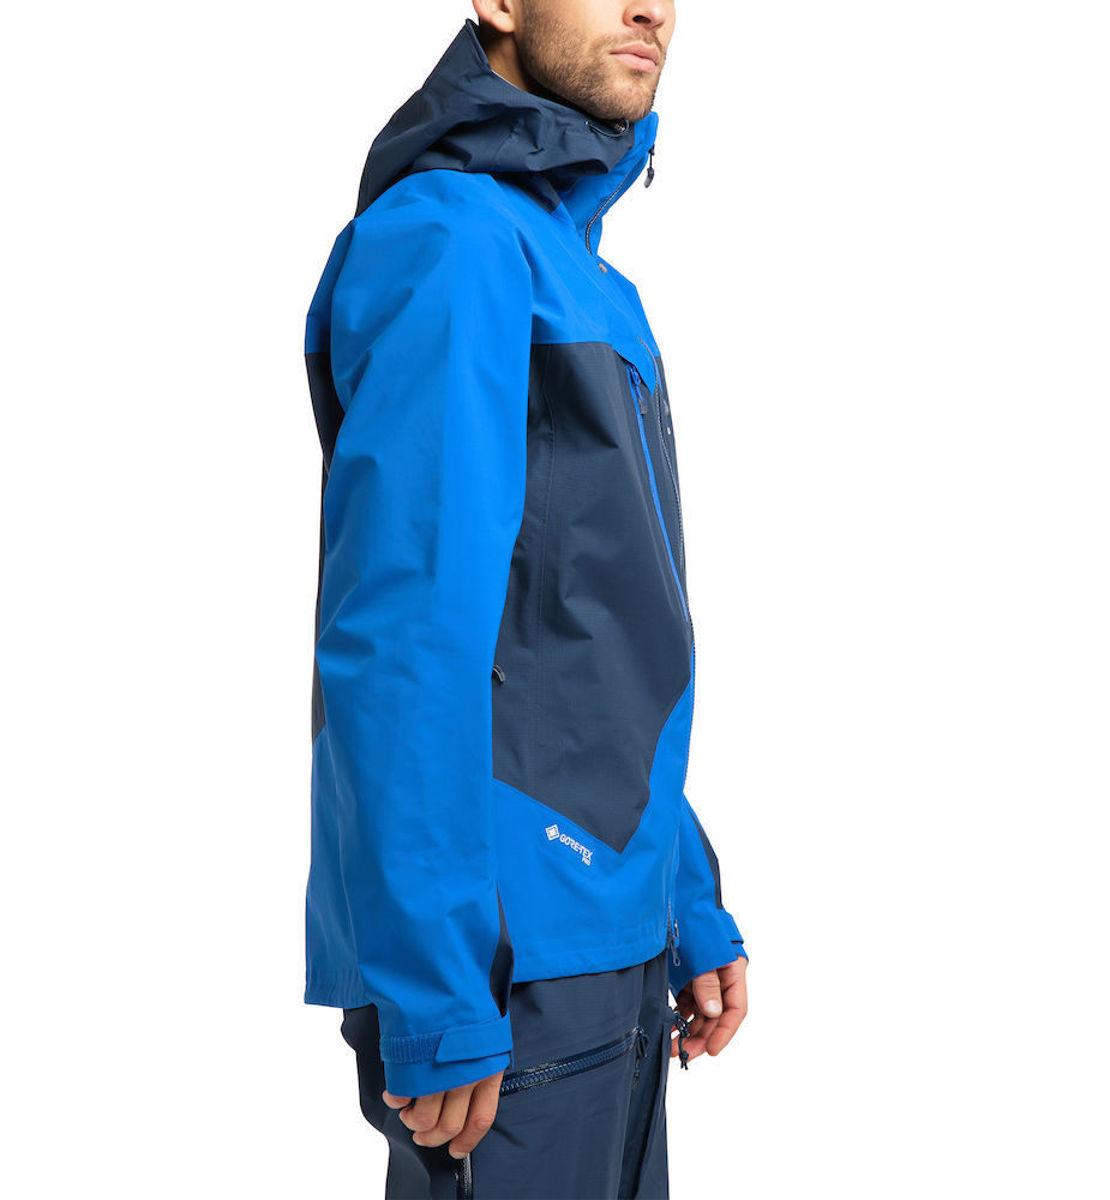 Bilde av Haglöfs  Spitz Jacket Men 4AA Tarn Blue/Storm Blue